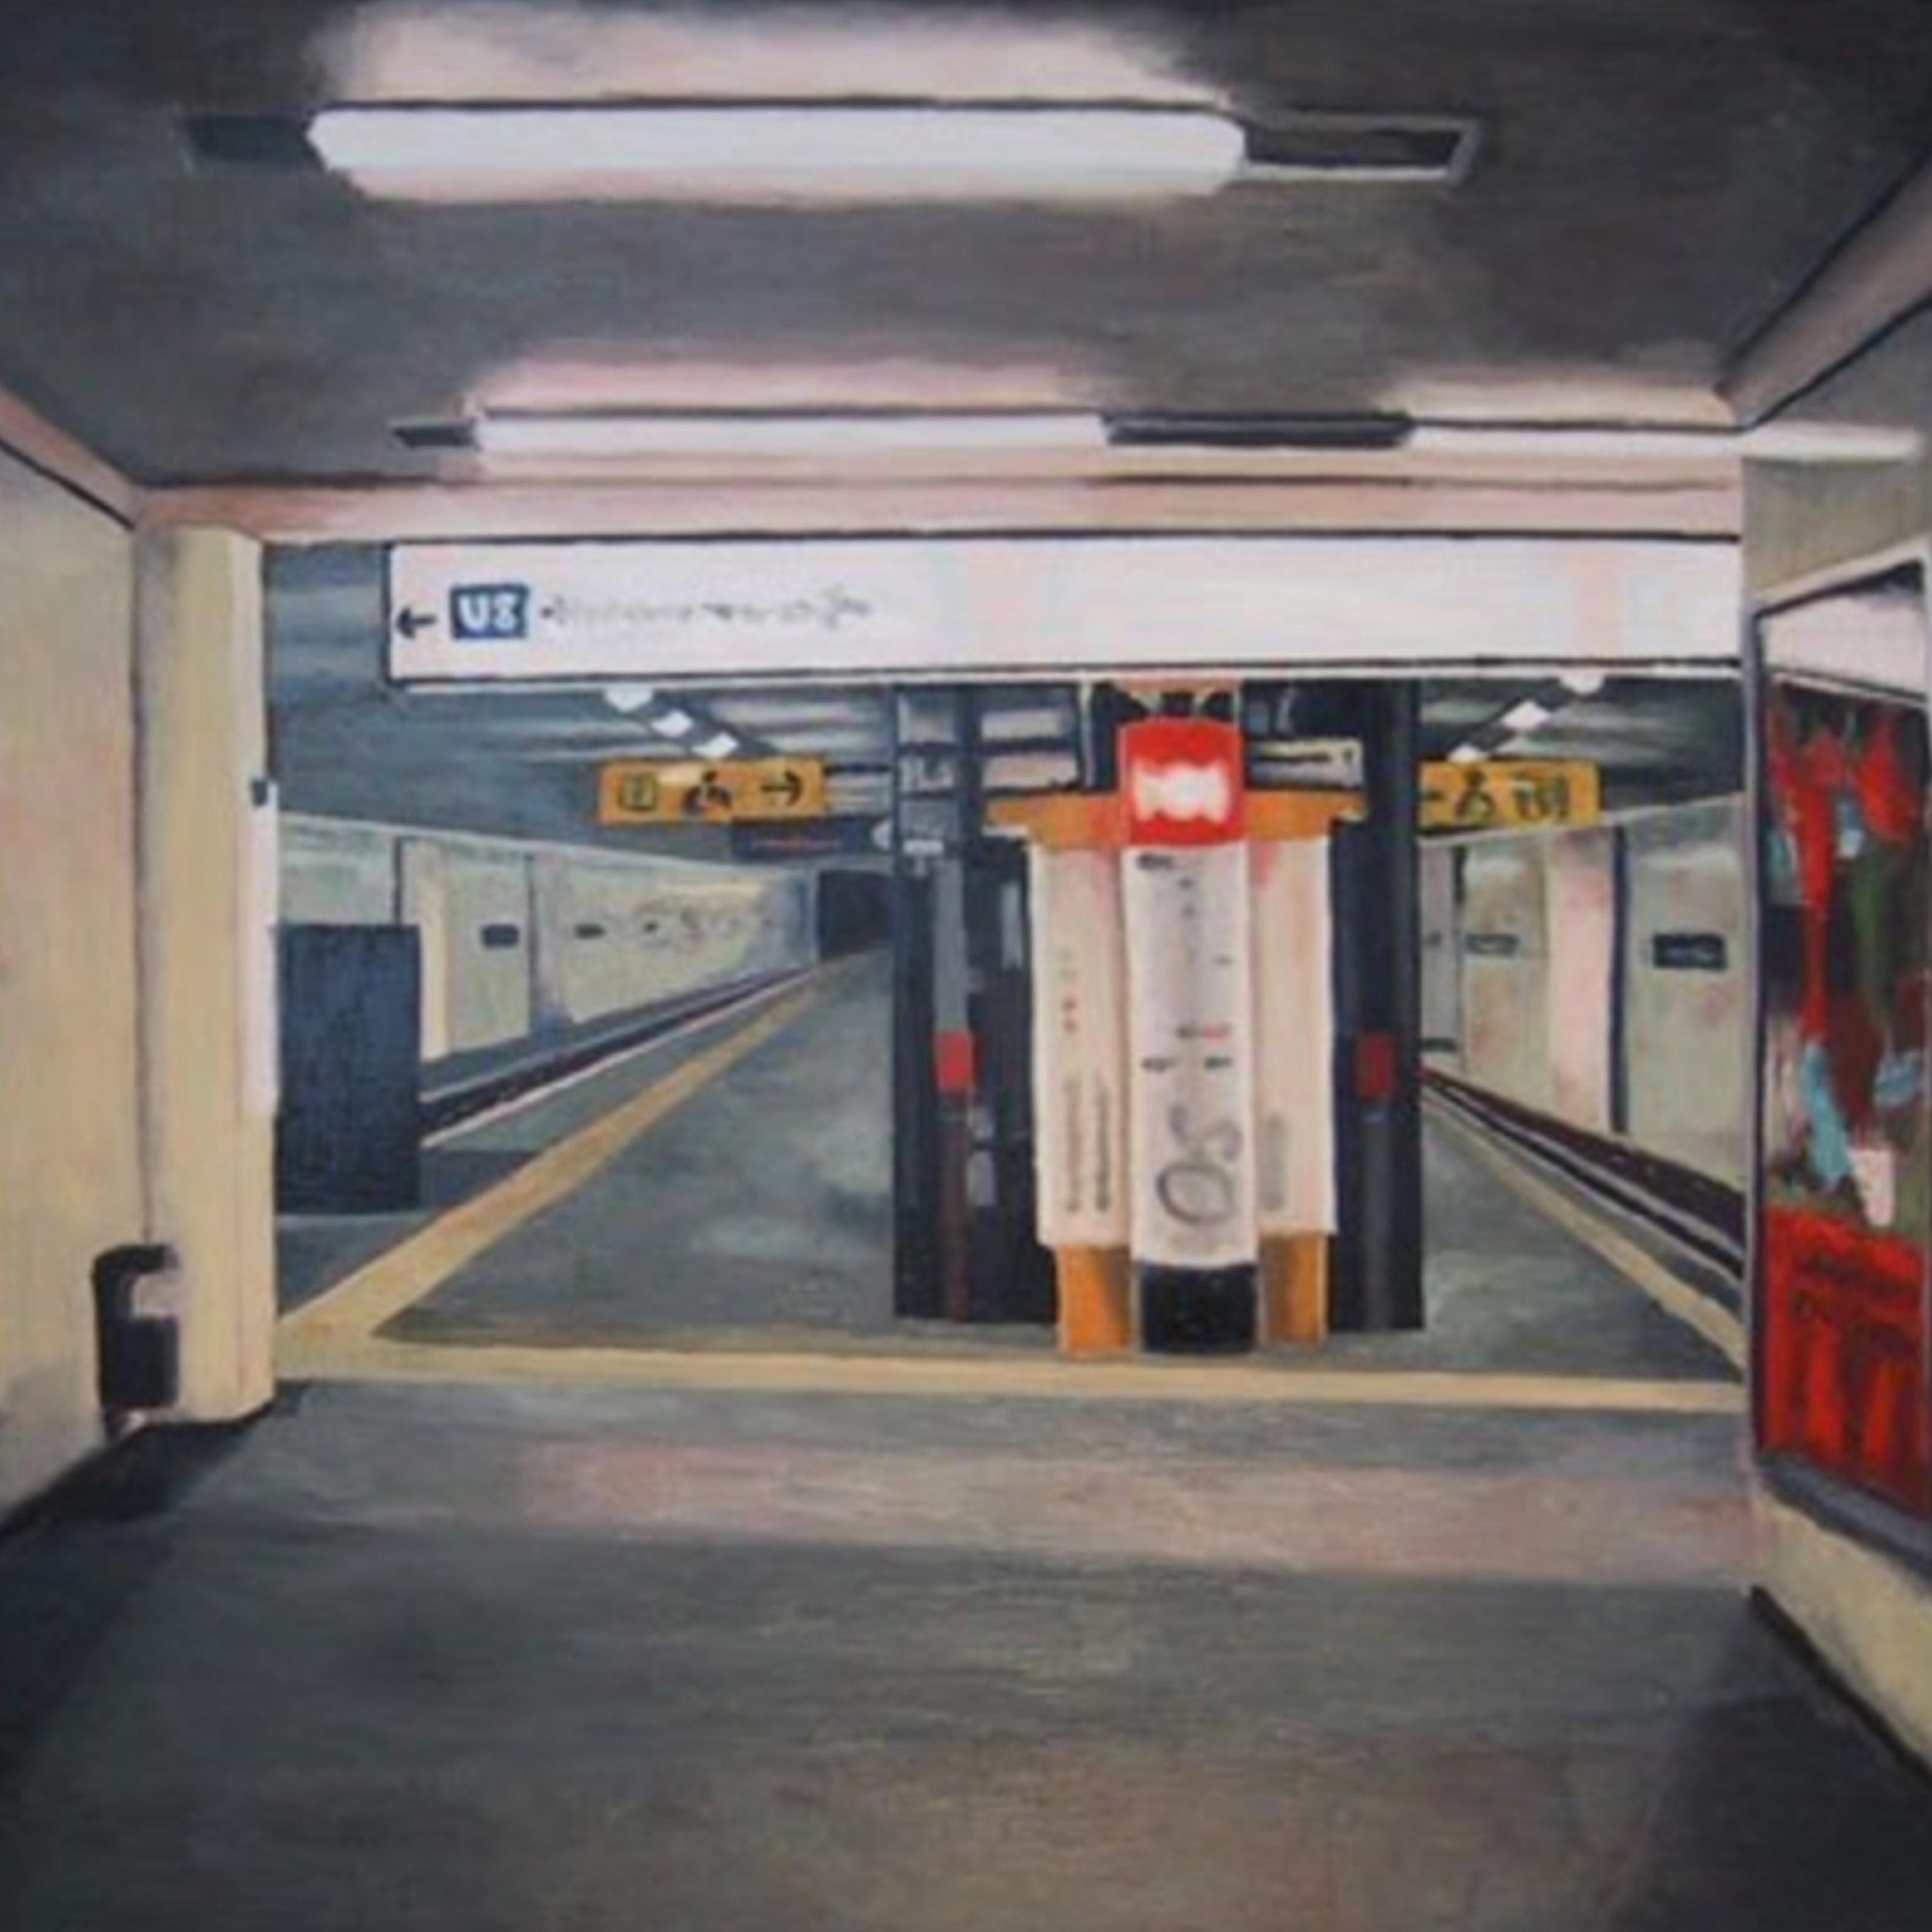 2000-03: U-Bahn Series